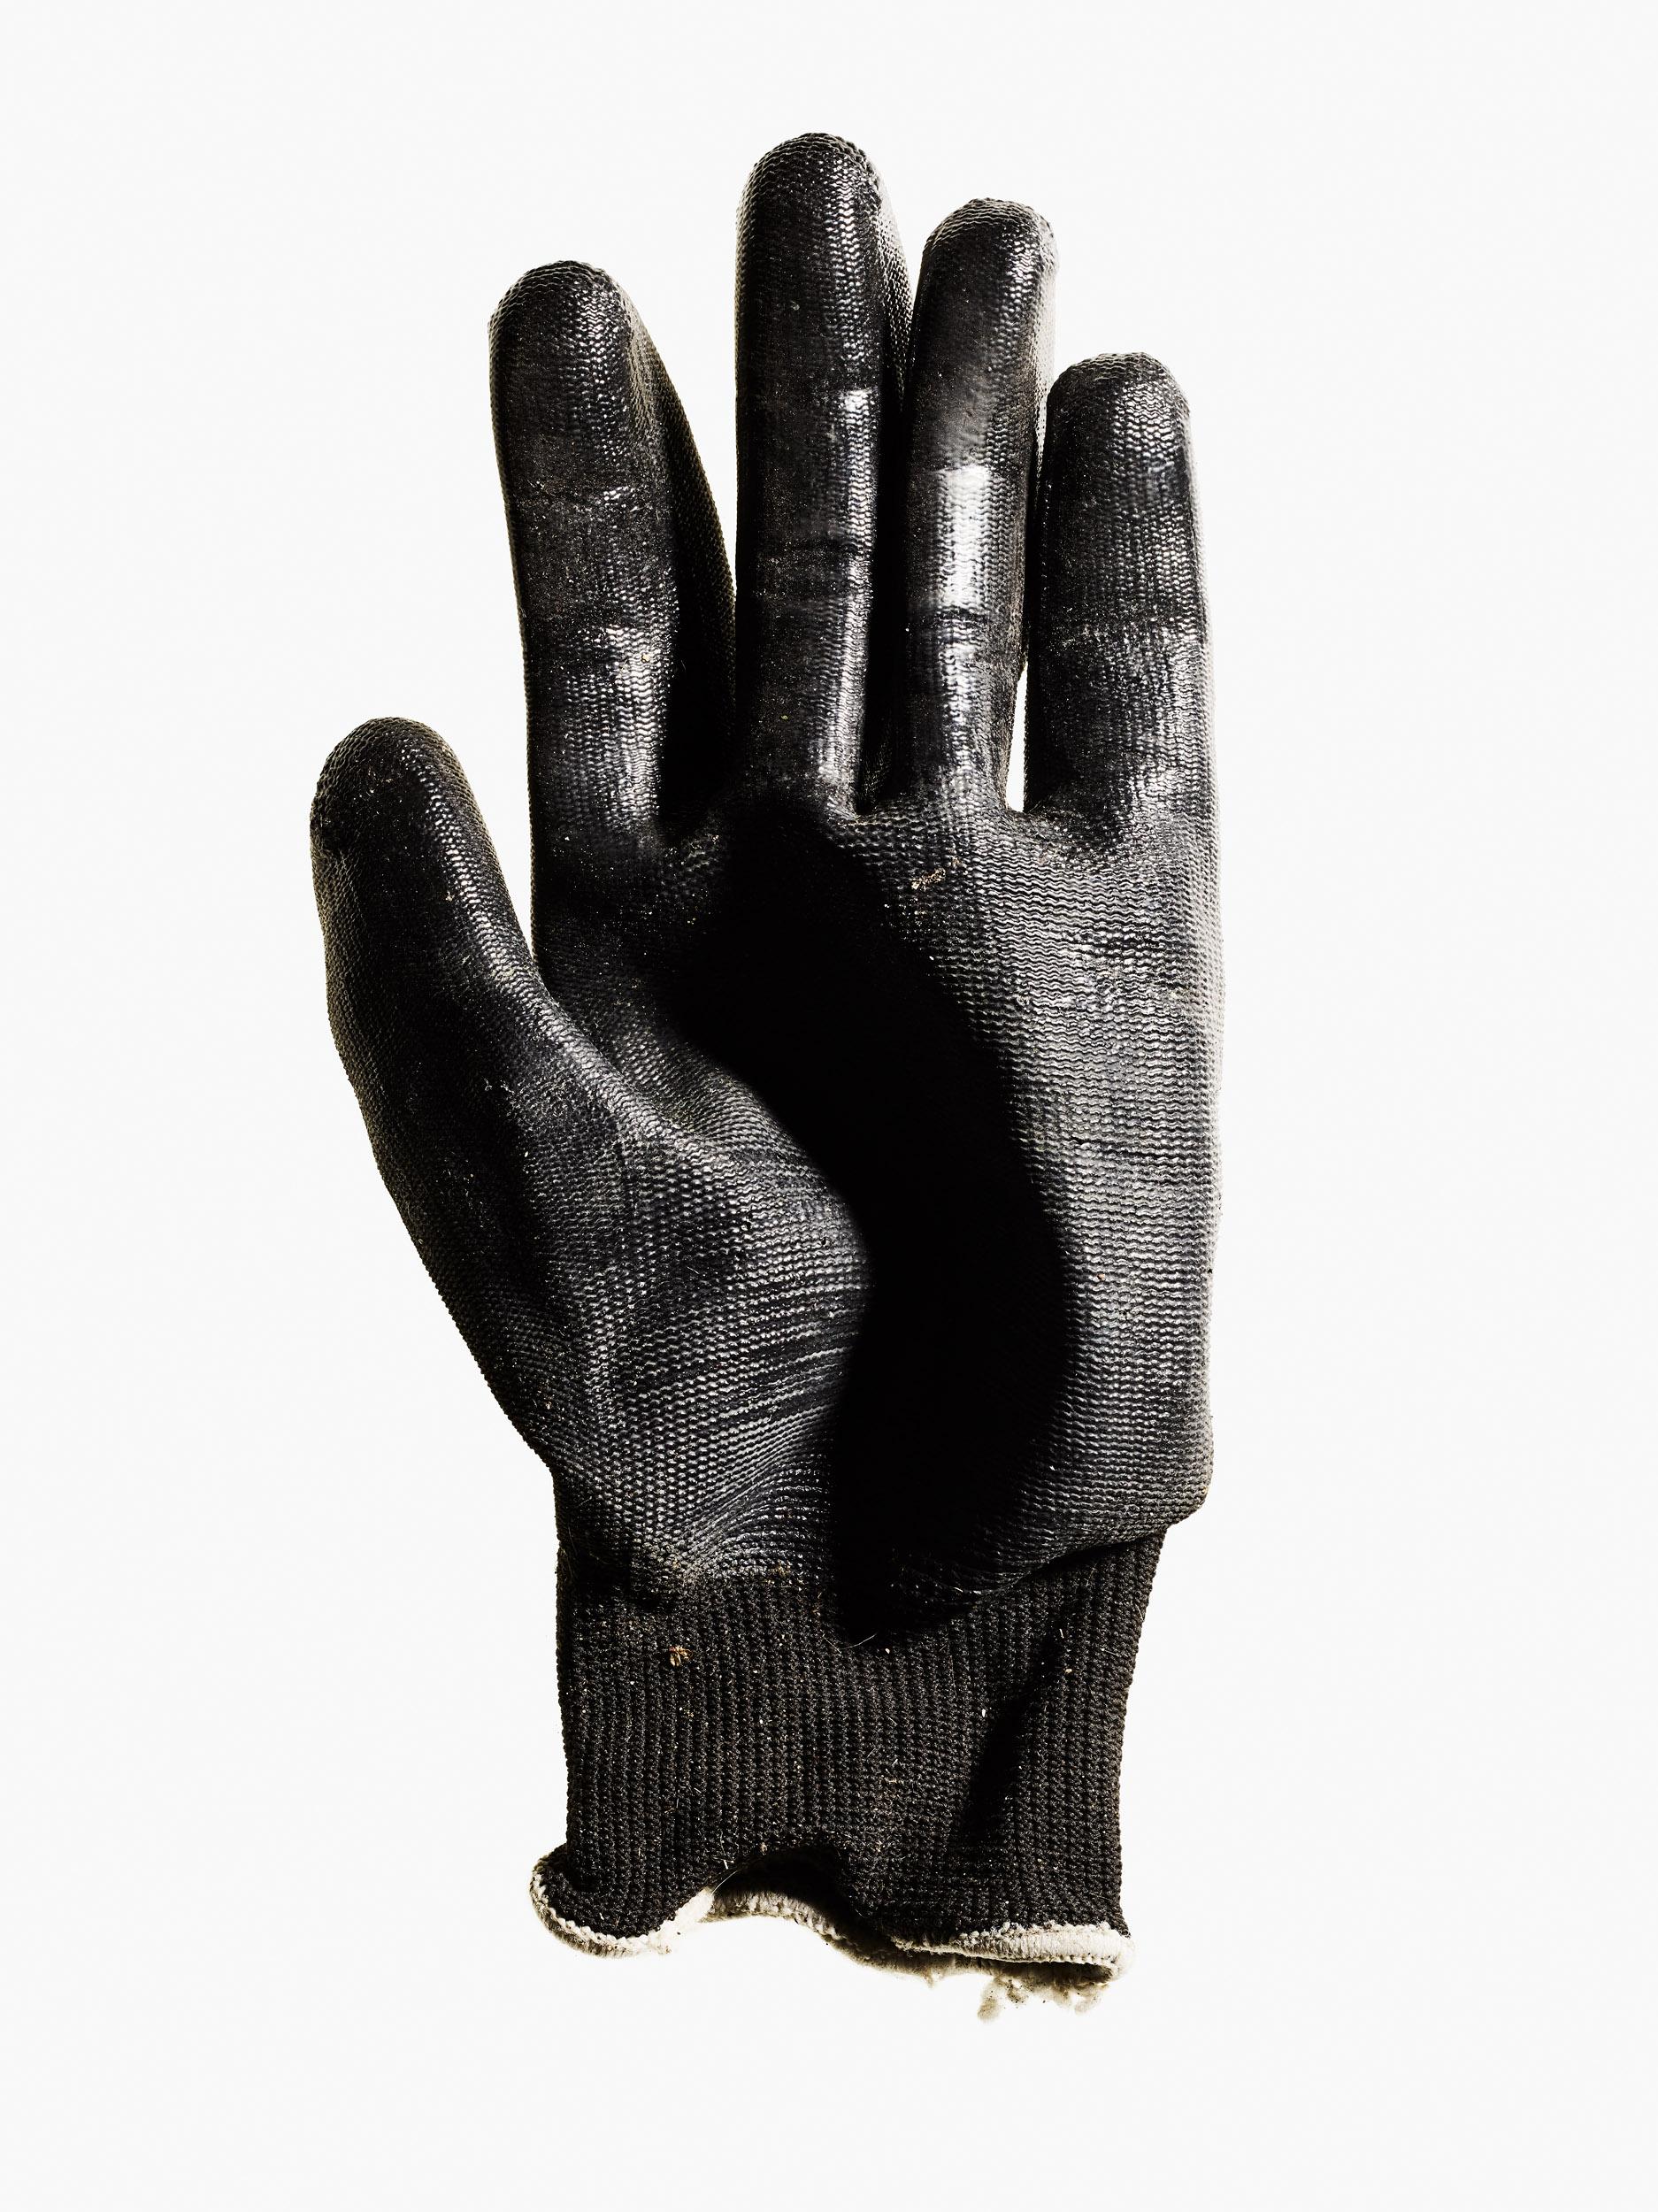 20190321 Gloves-2728 Stack.jpg